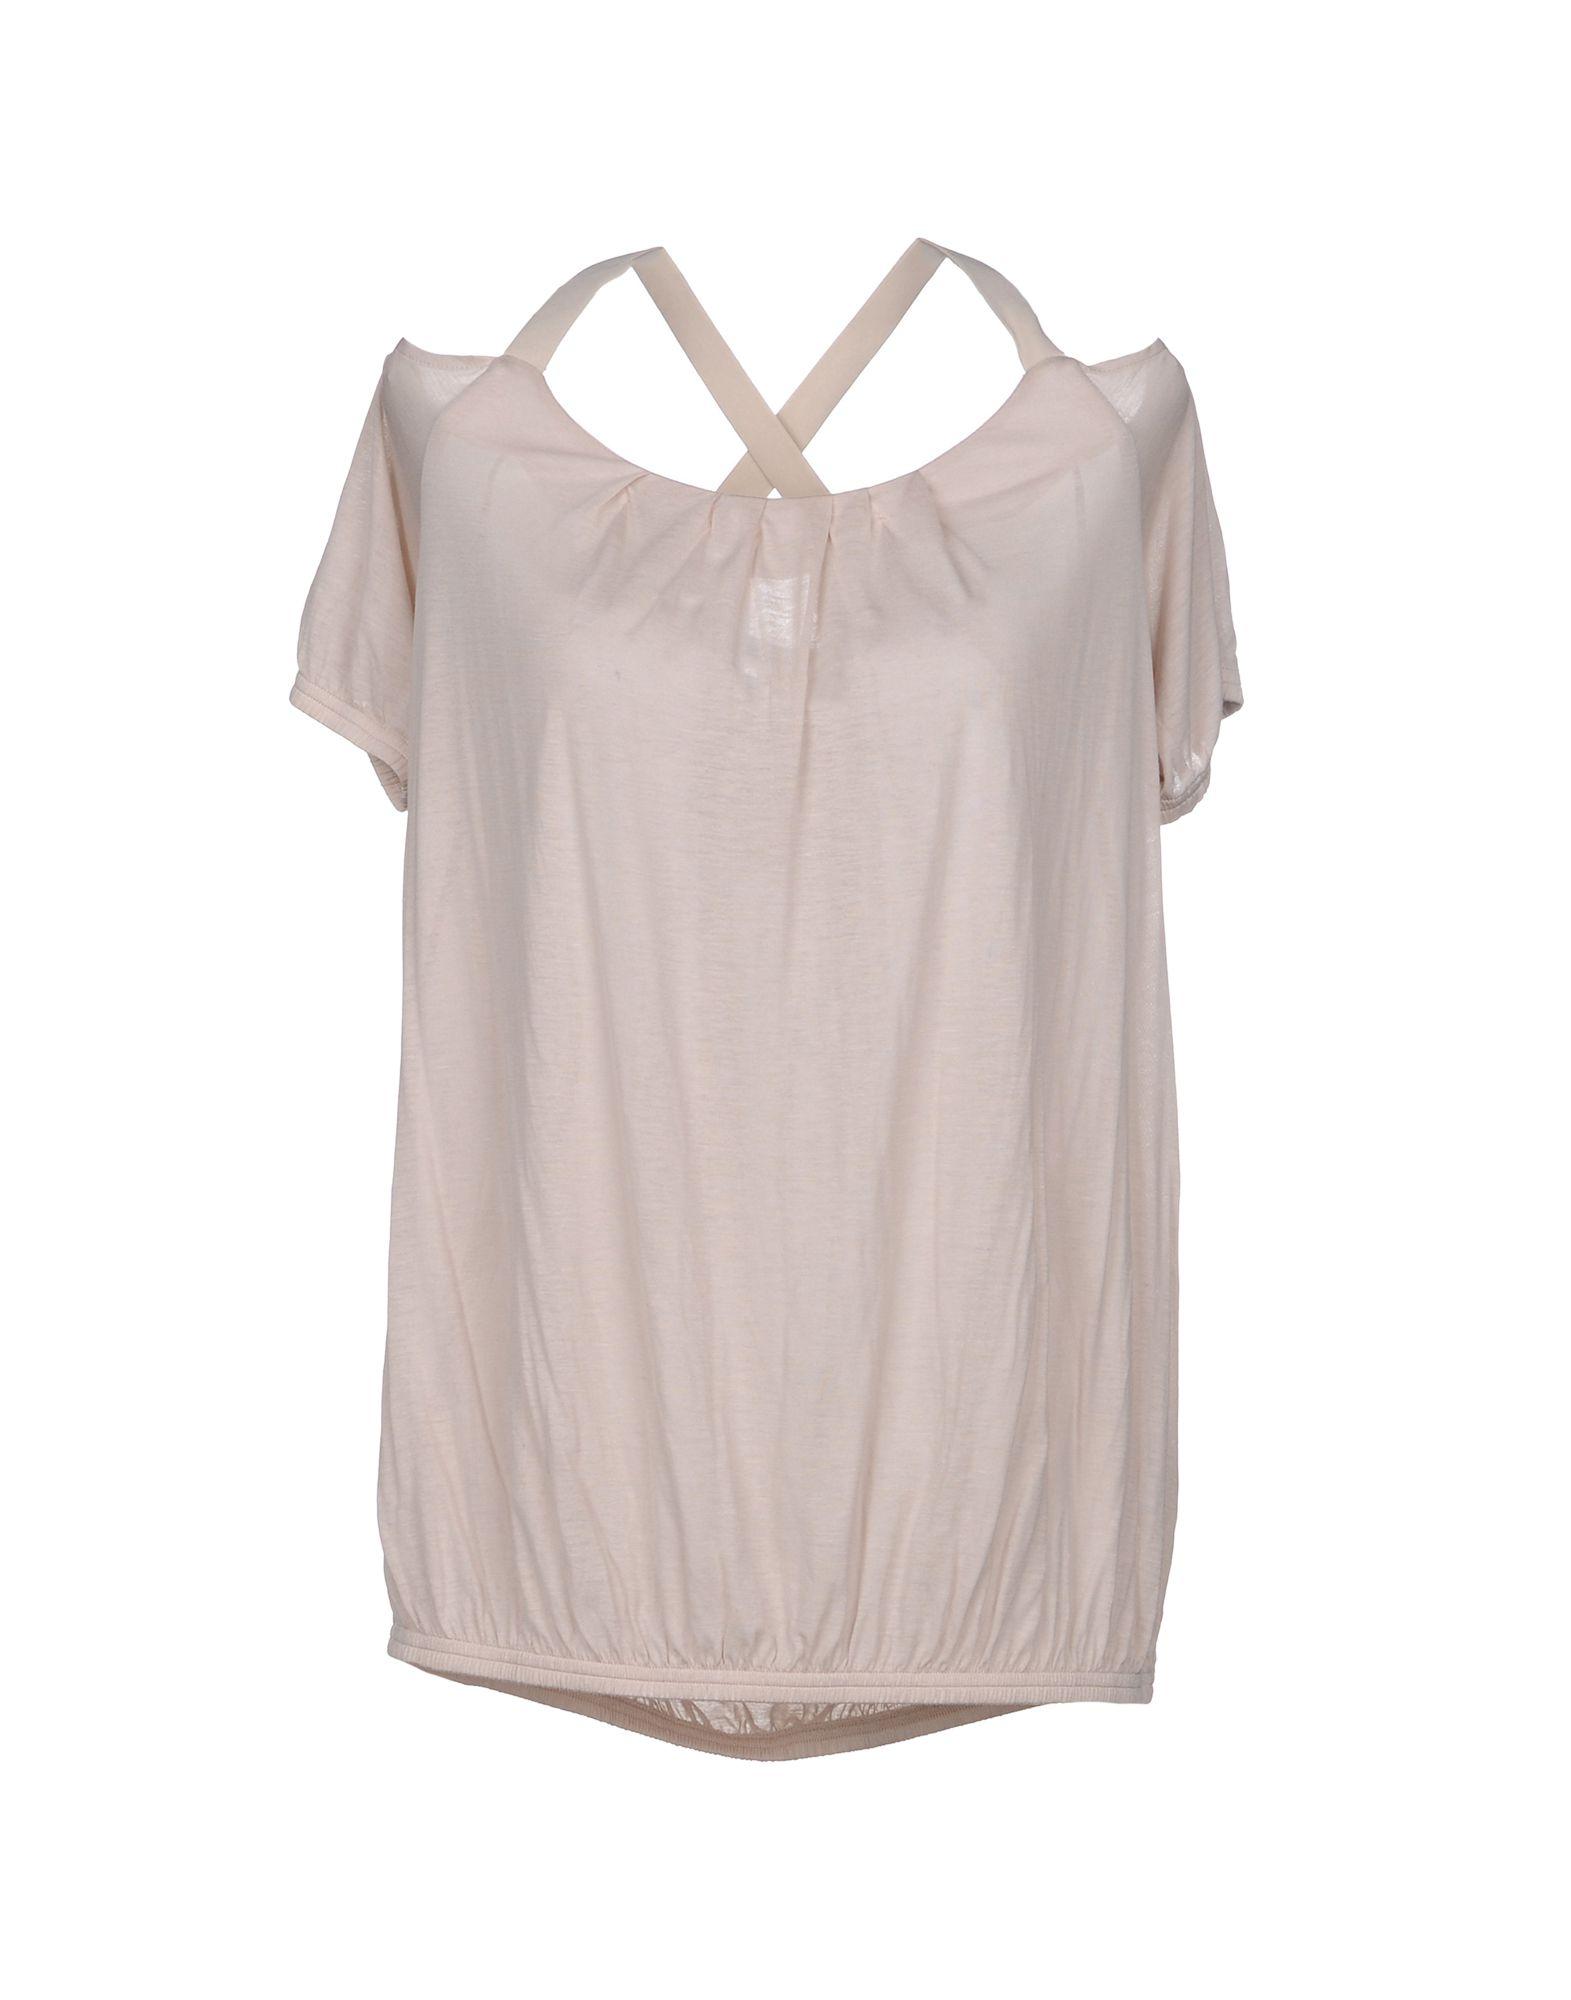 ONLY 4 STYLISH GIRLS by PATRIZIA PEPE Футболка only 4 stylish girls by patrizia pepe футболка